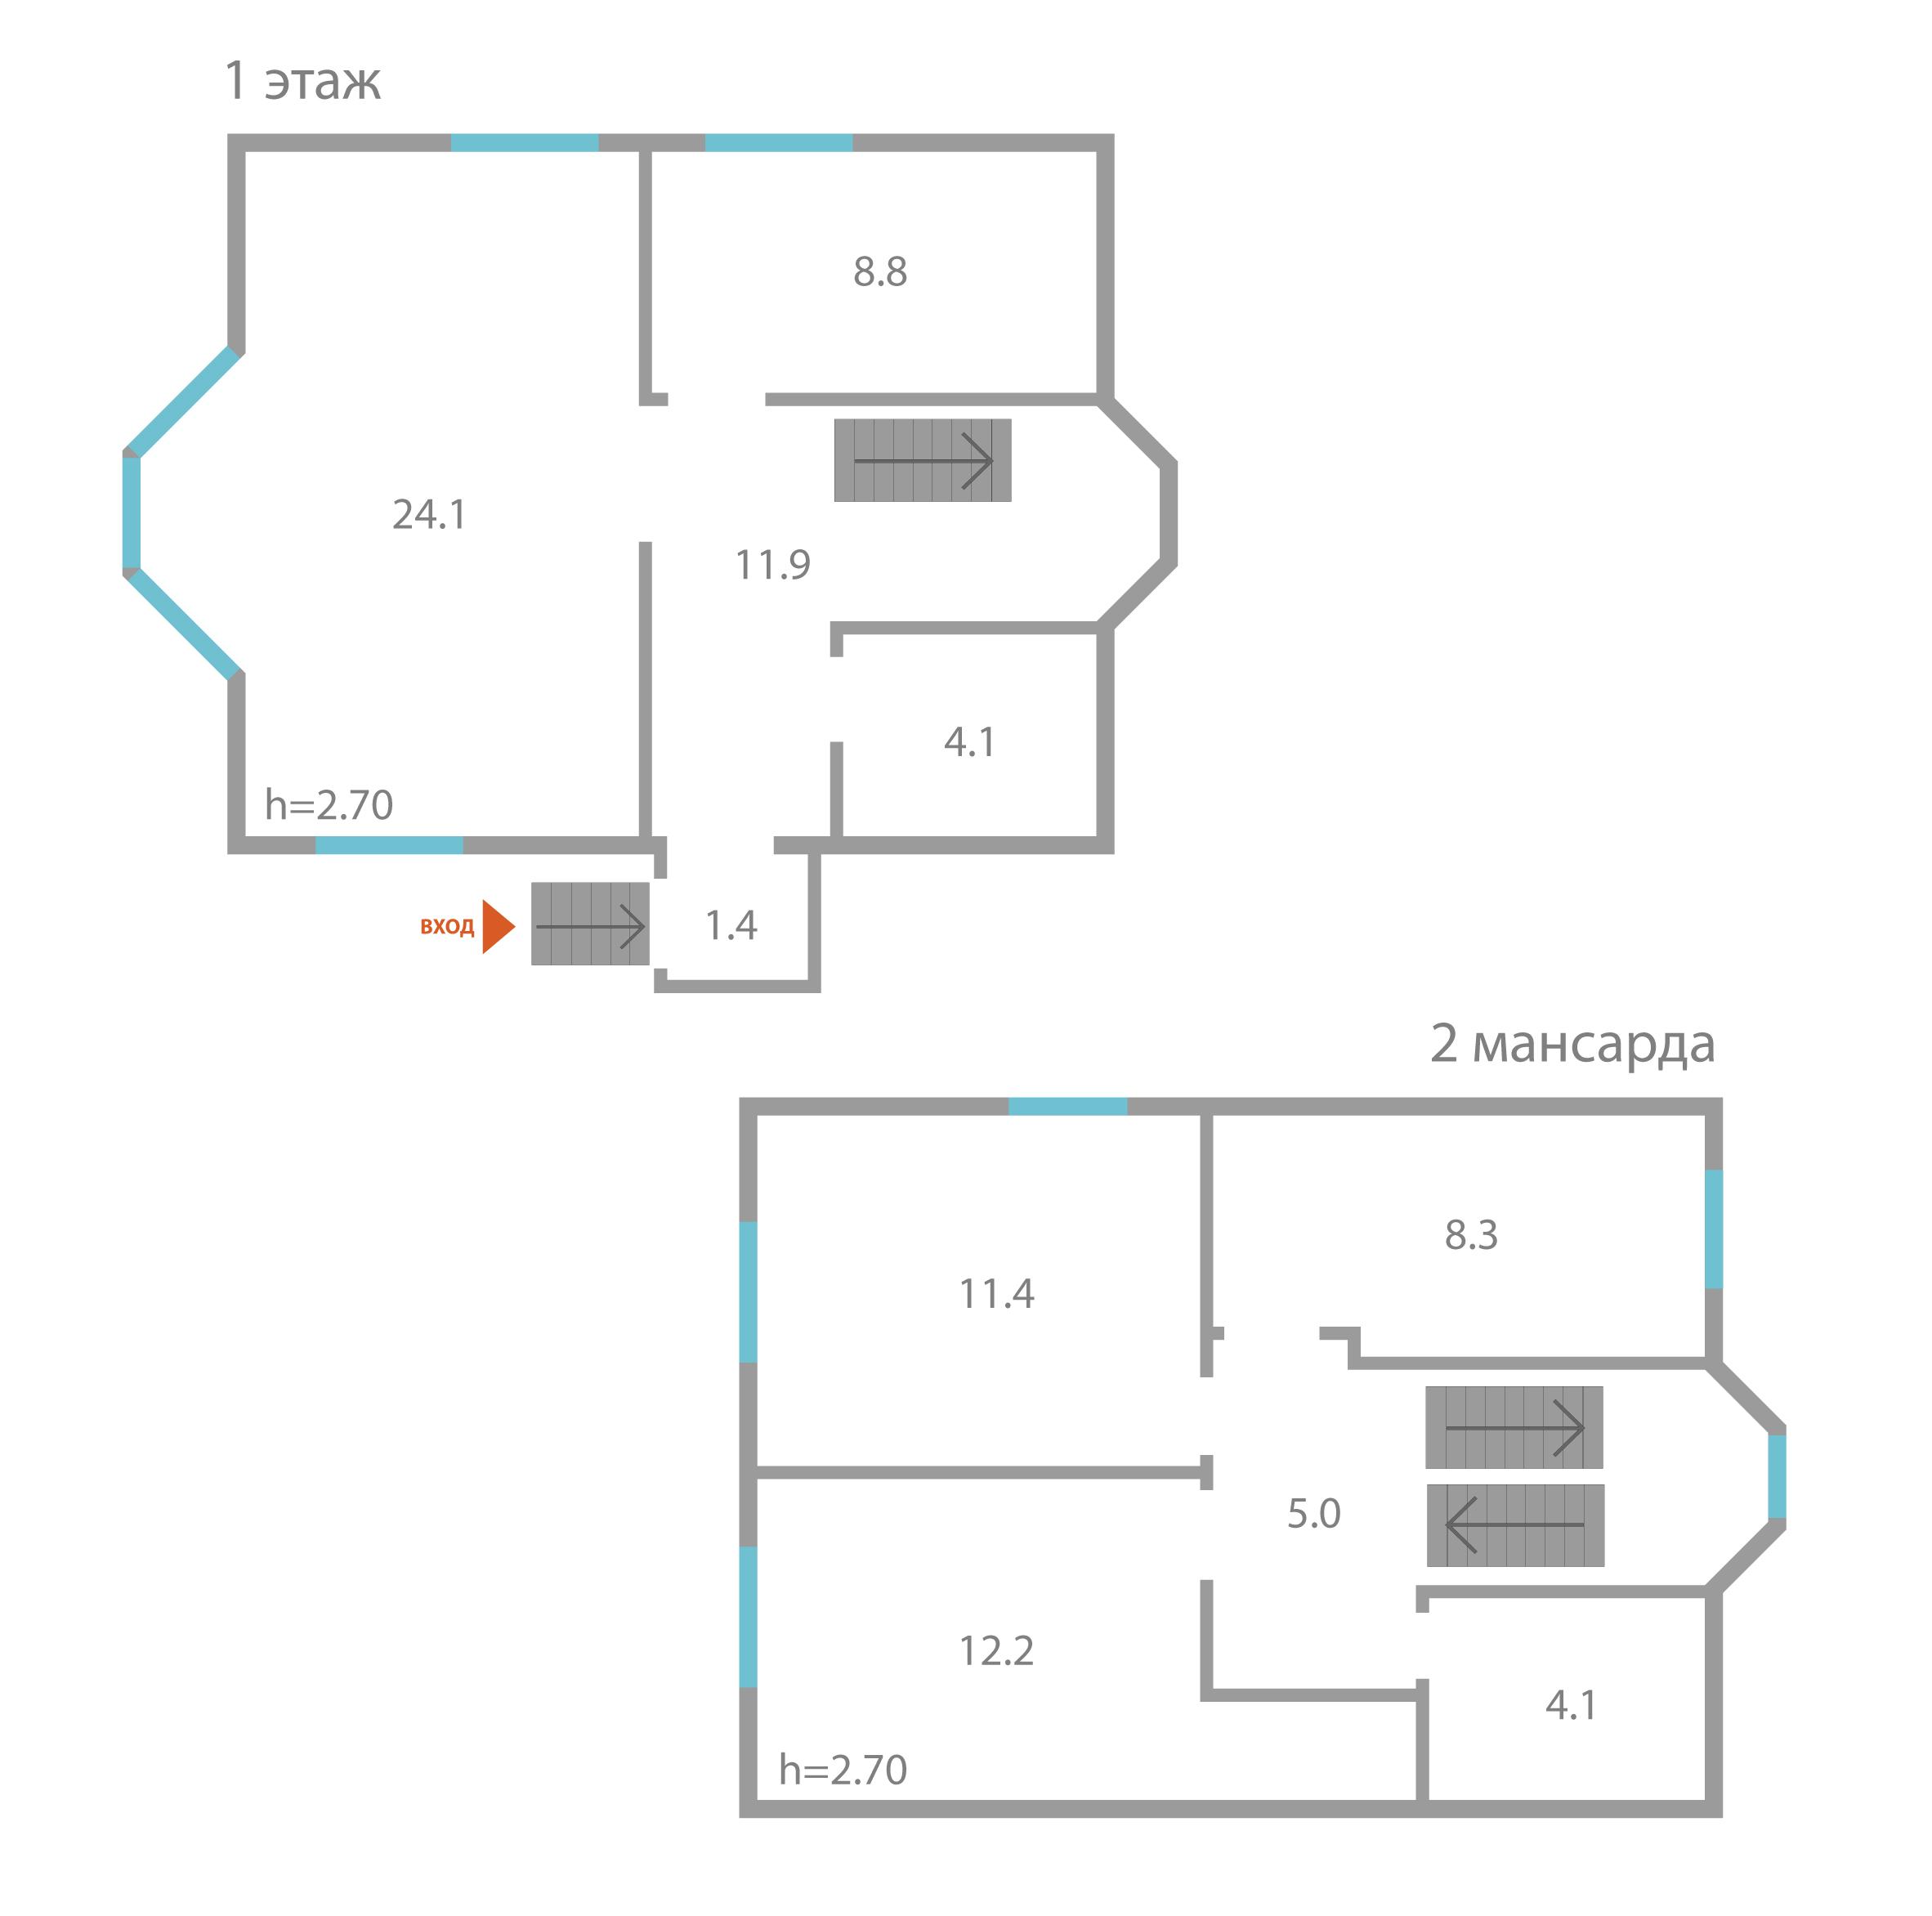 Участок с домом: площадь участка - 2,2 соток,   площадь дома - 2,2м^2,   цена - 7500000 тыс.руб.